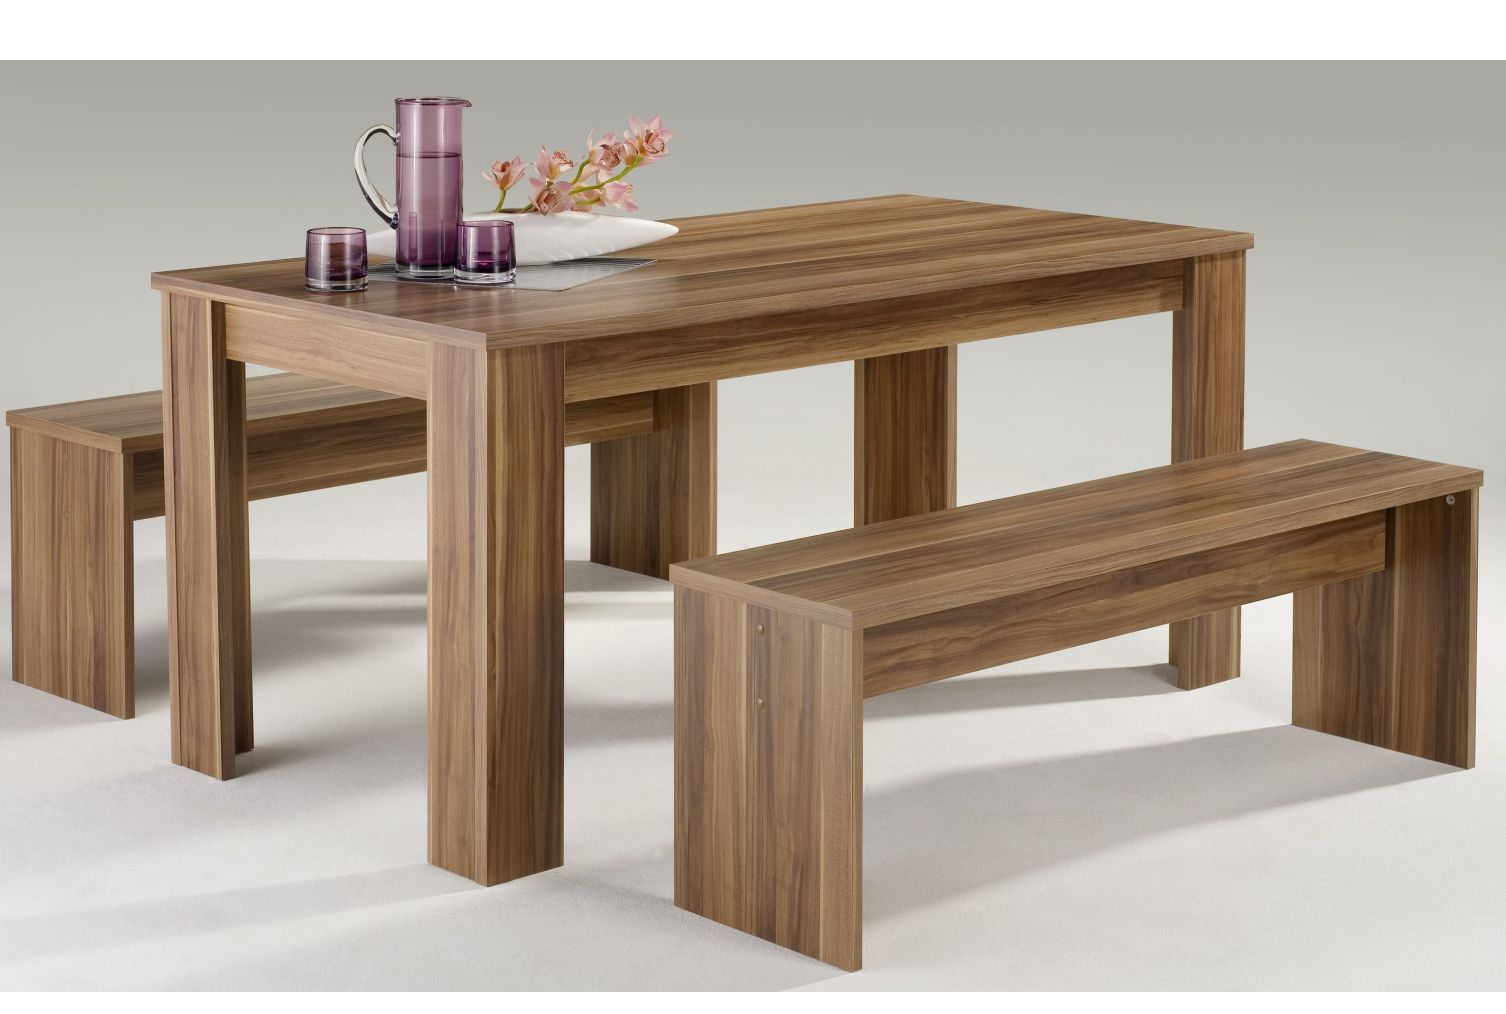 ess gruppe set tisch mit st hlen essecke esstisch esstischgruppe tischgruppe neu ebay. Black Bedroom Furniture Sets. Home Design Ideas